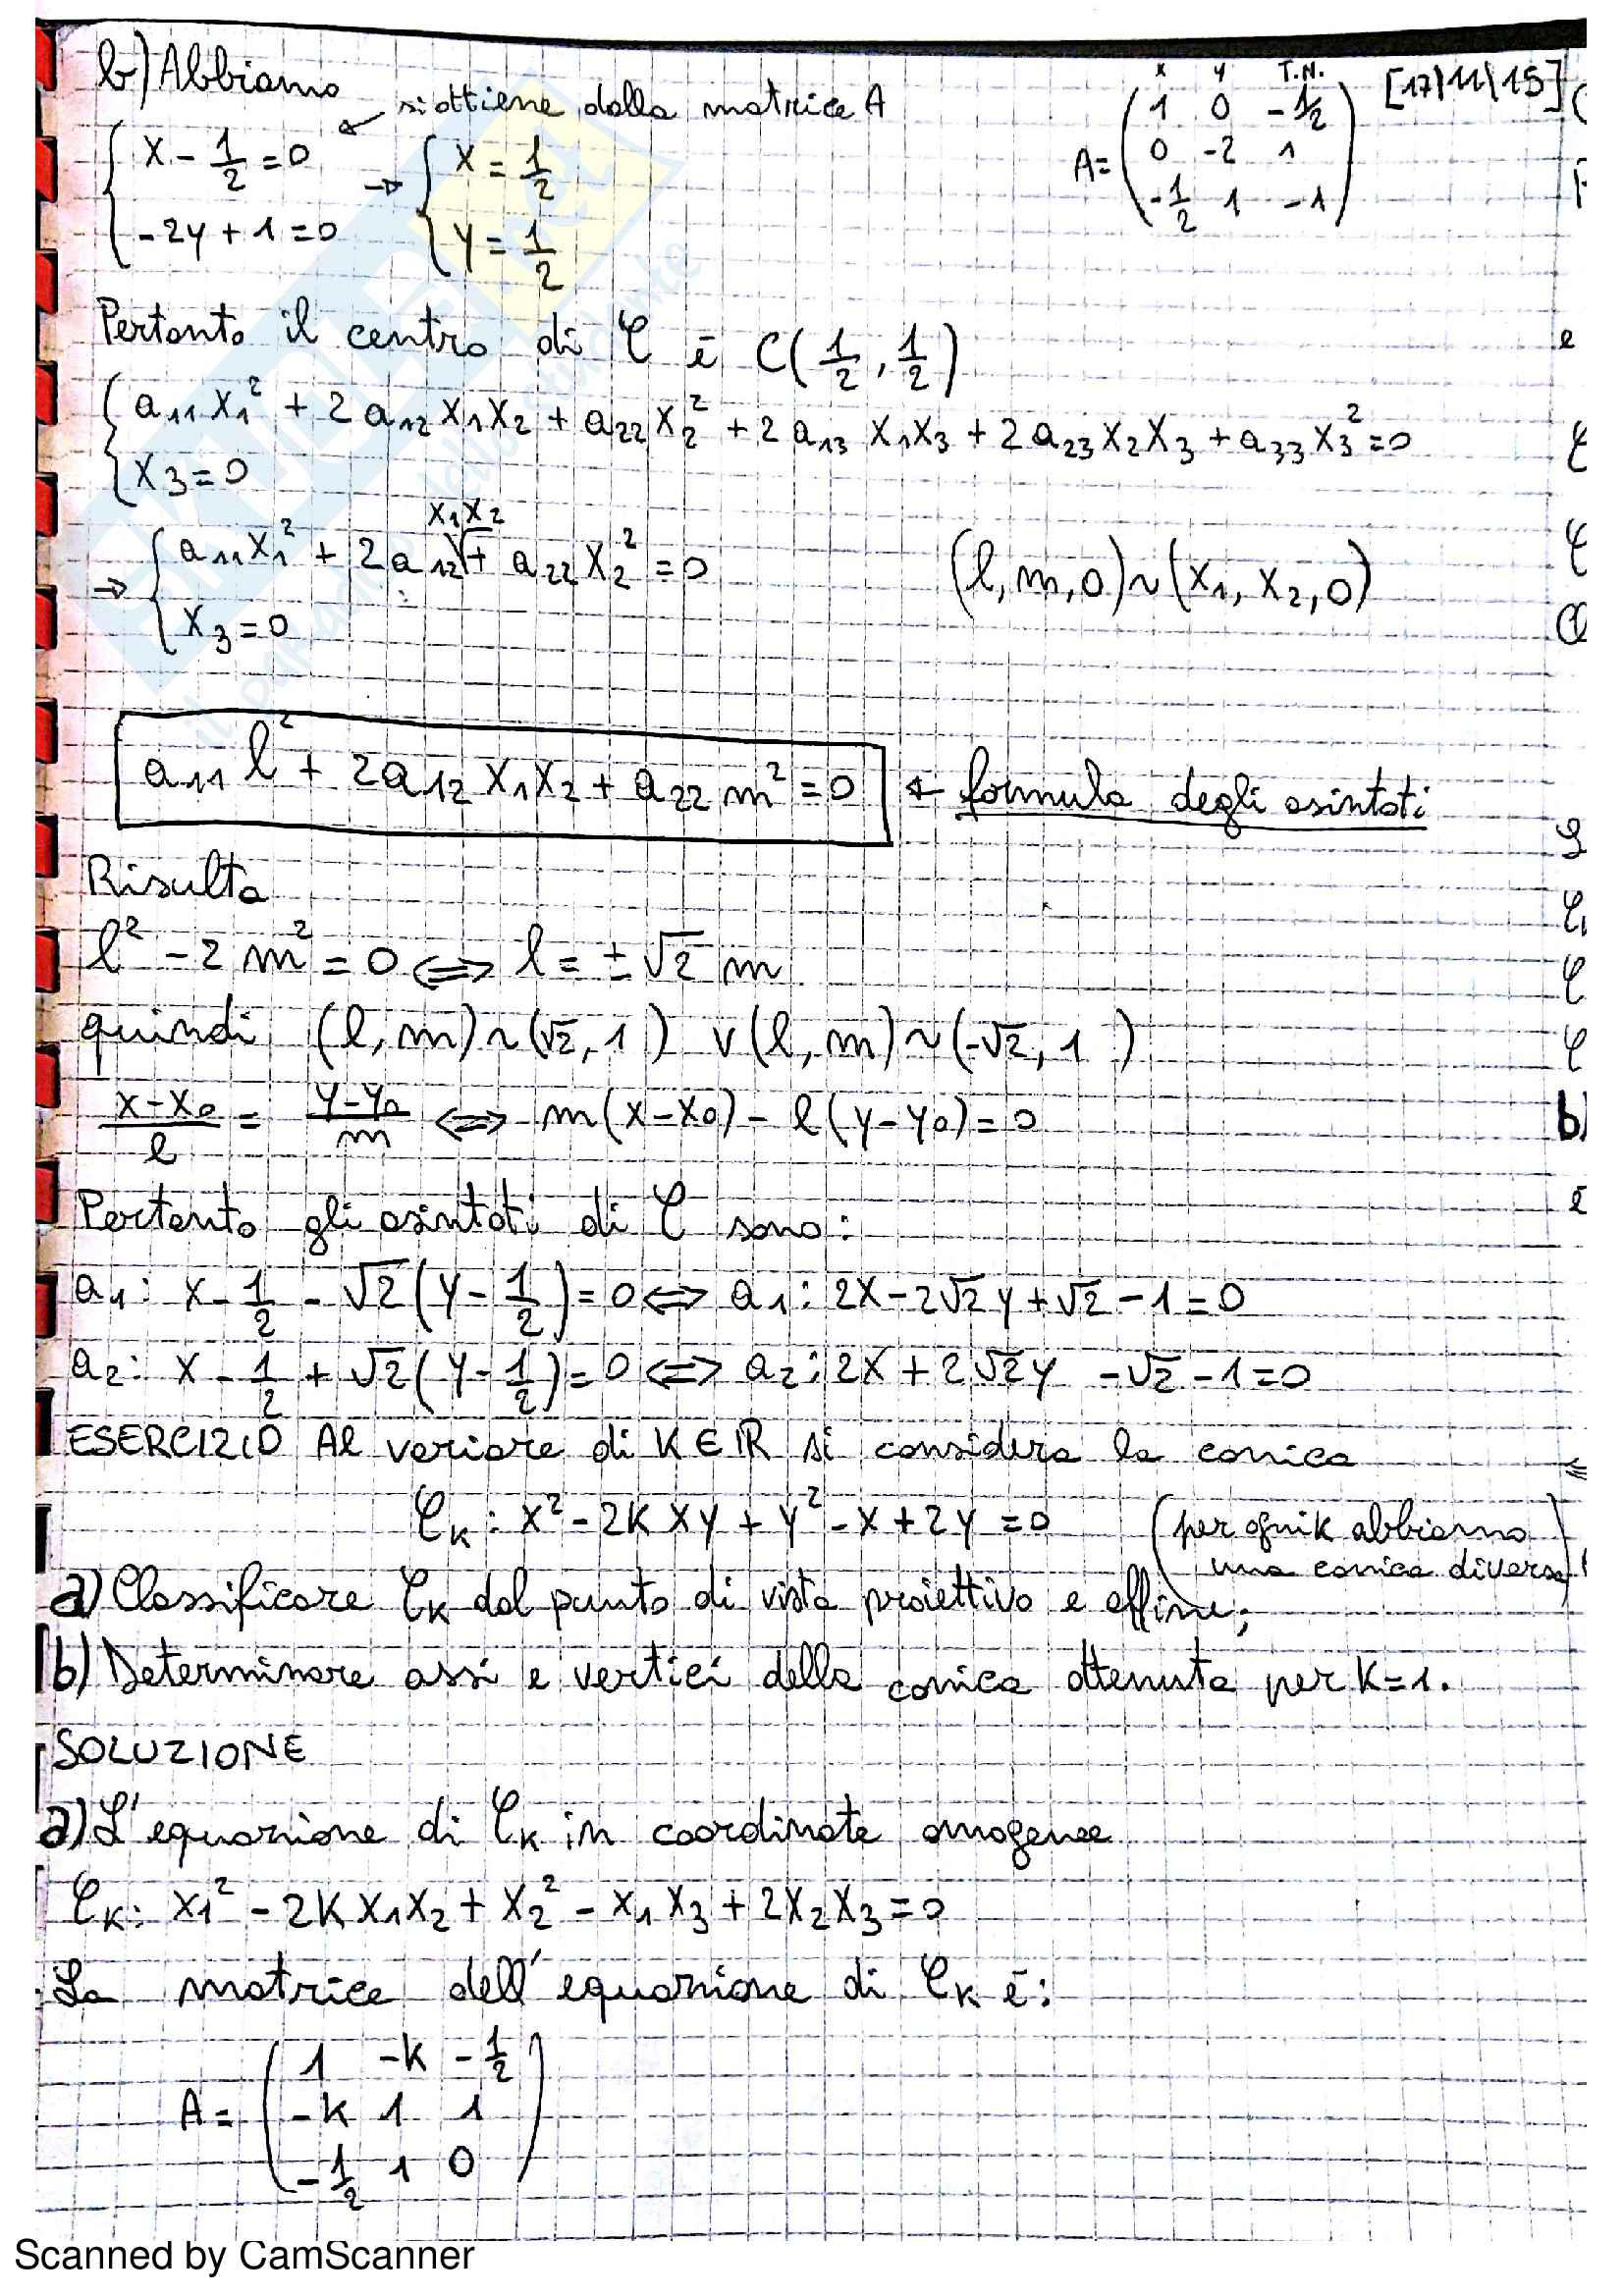 Geometria e Algebra Lineare - Esercizi Curve e Coniche Pag. 6